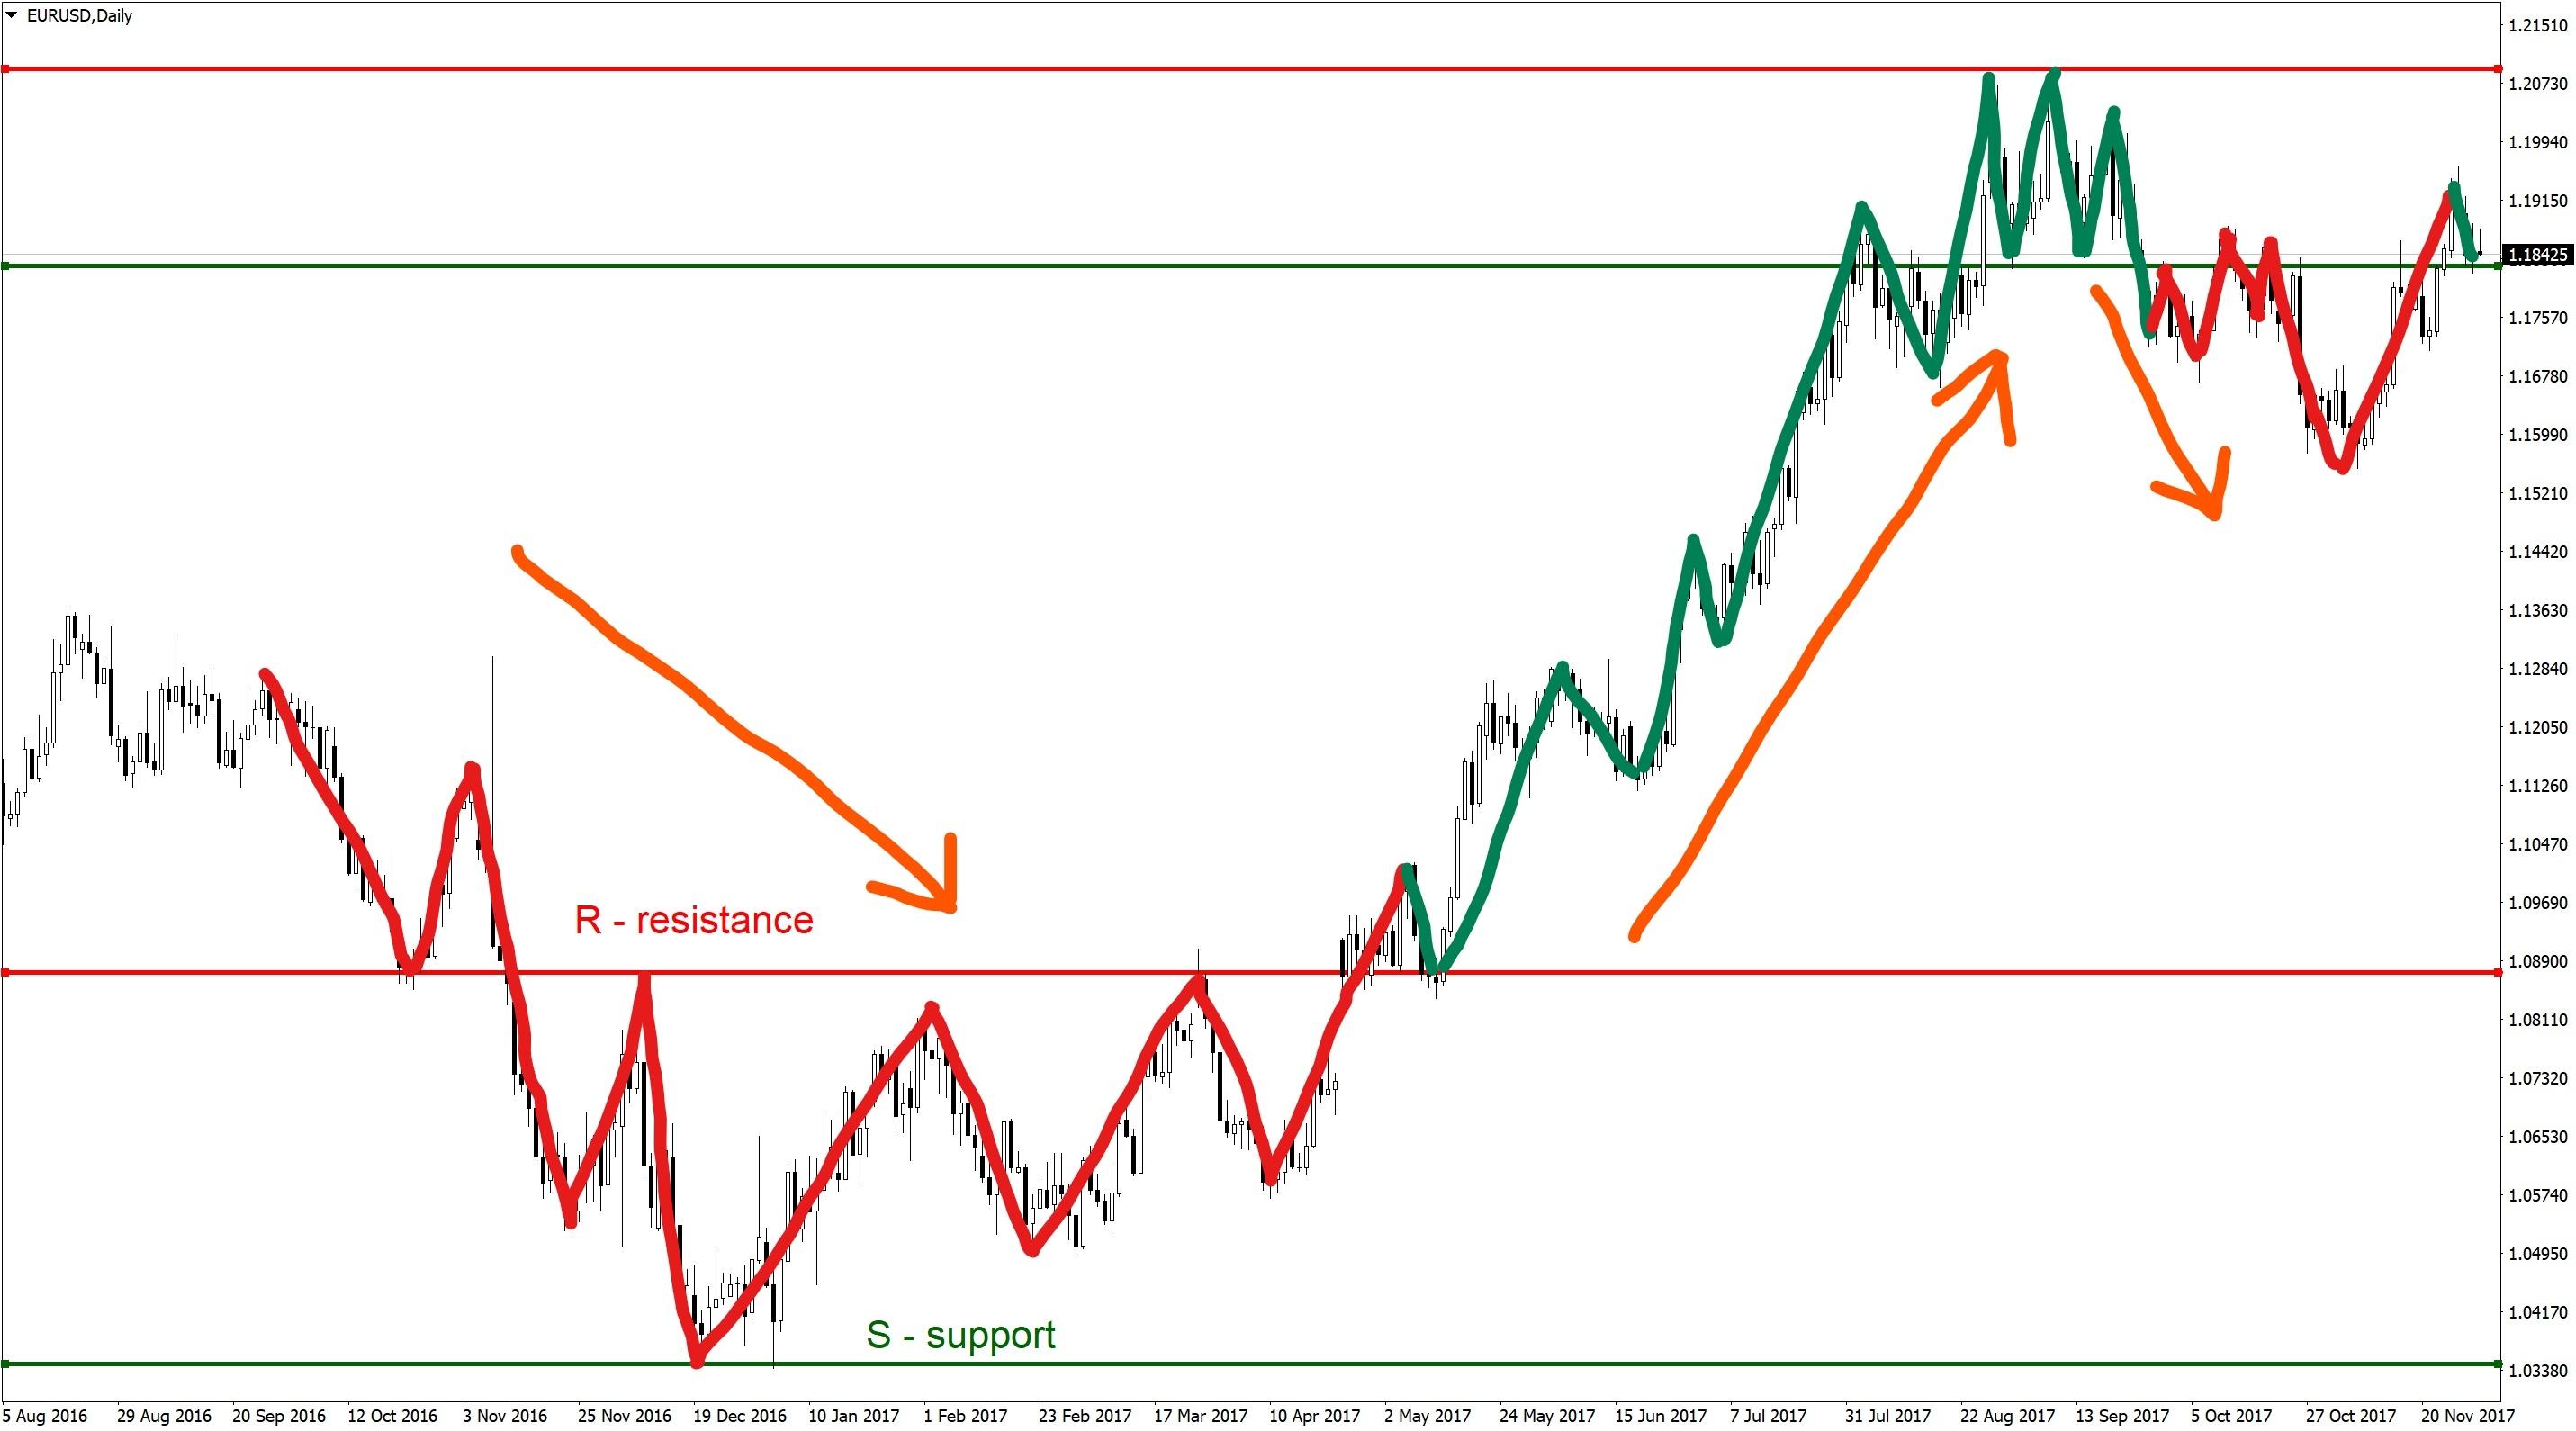 Форекс структура тренда график торгов на валютной бирже онлайн сегодня